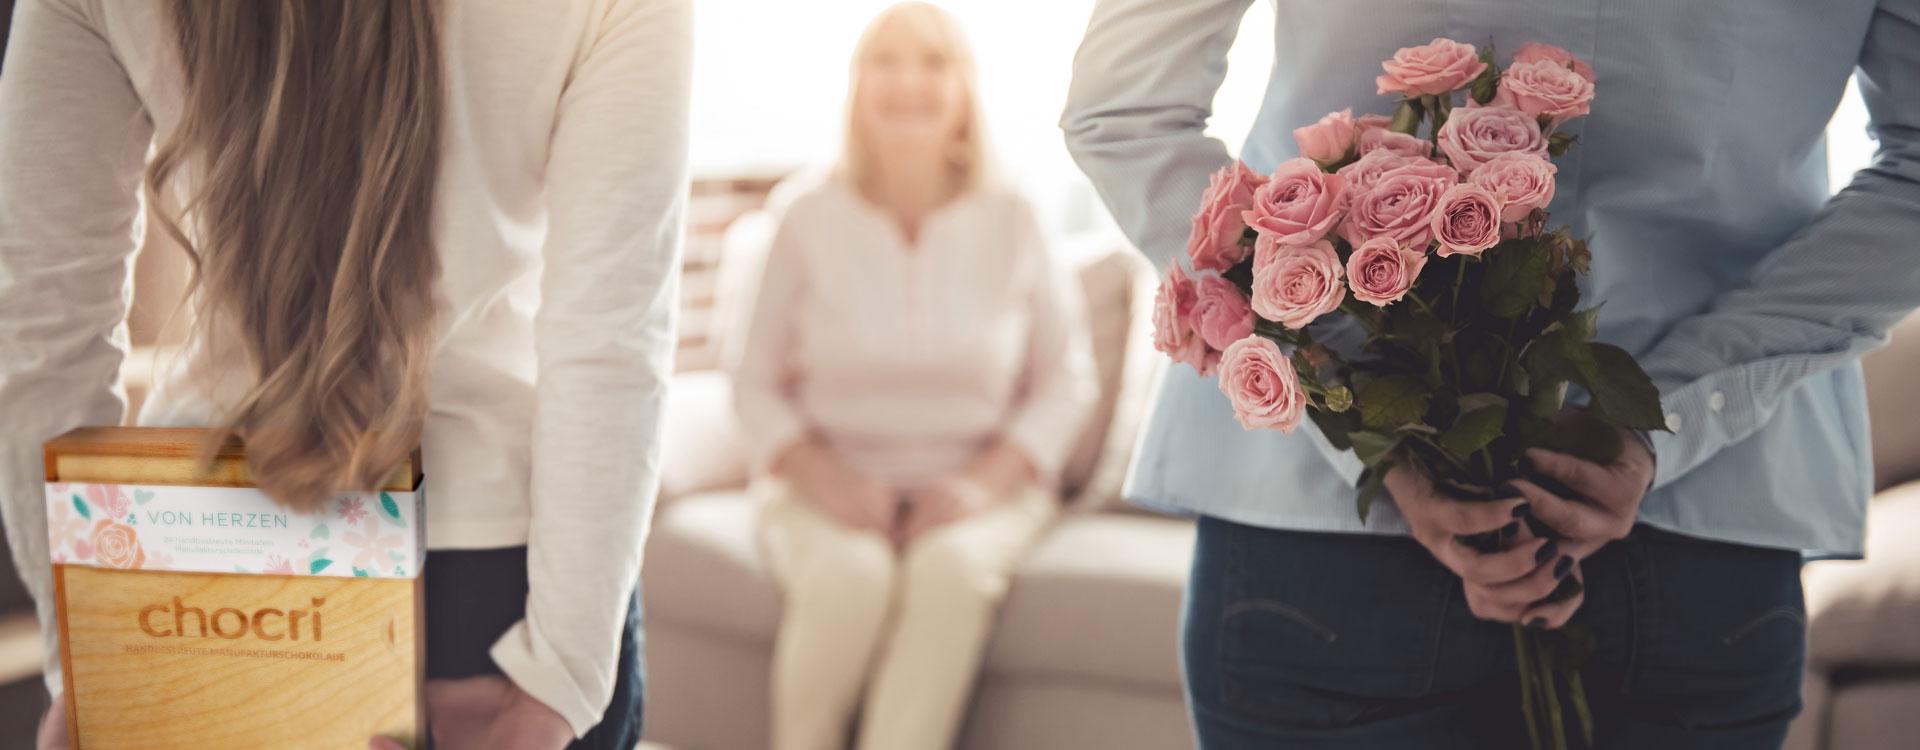 Geschenke aus Schokolade von chocri runden Muttertagsgedichte zum Muttertag perfekt ab